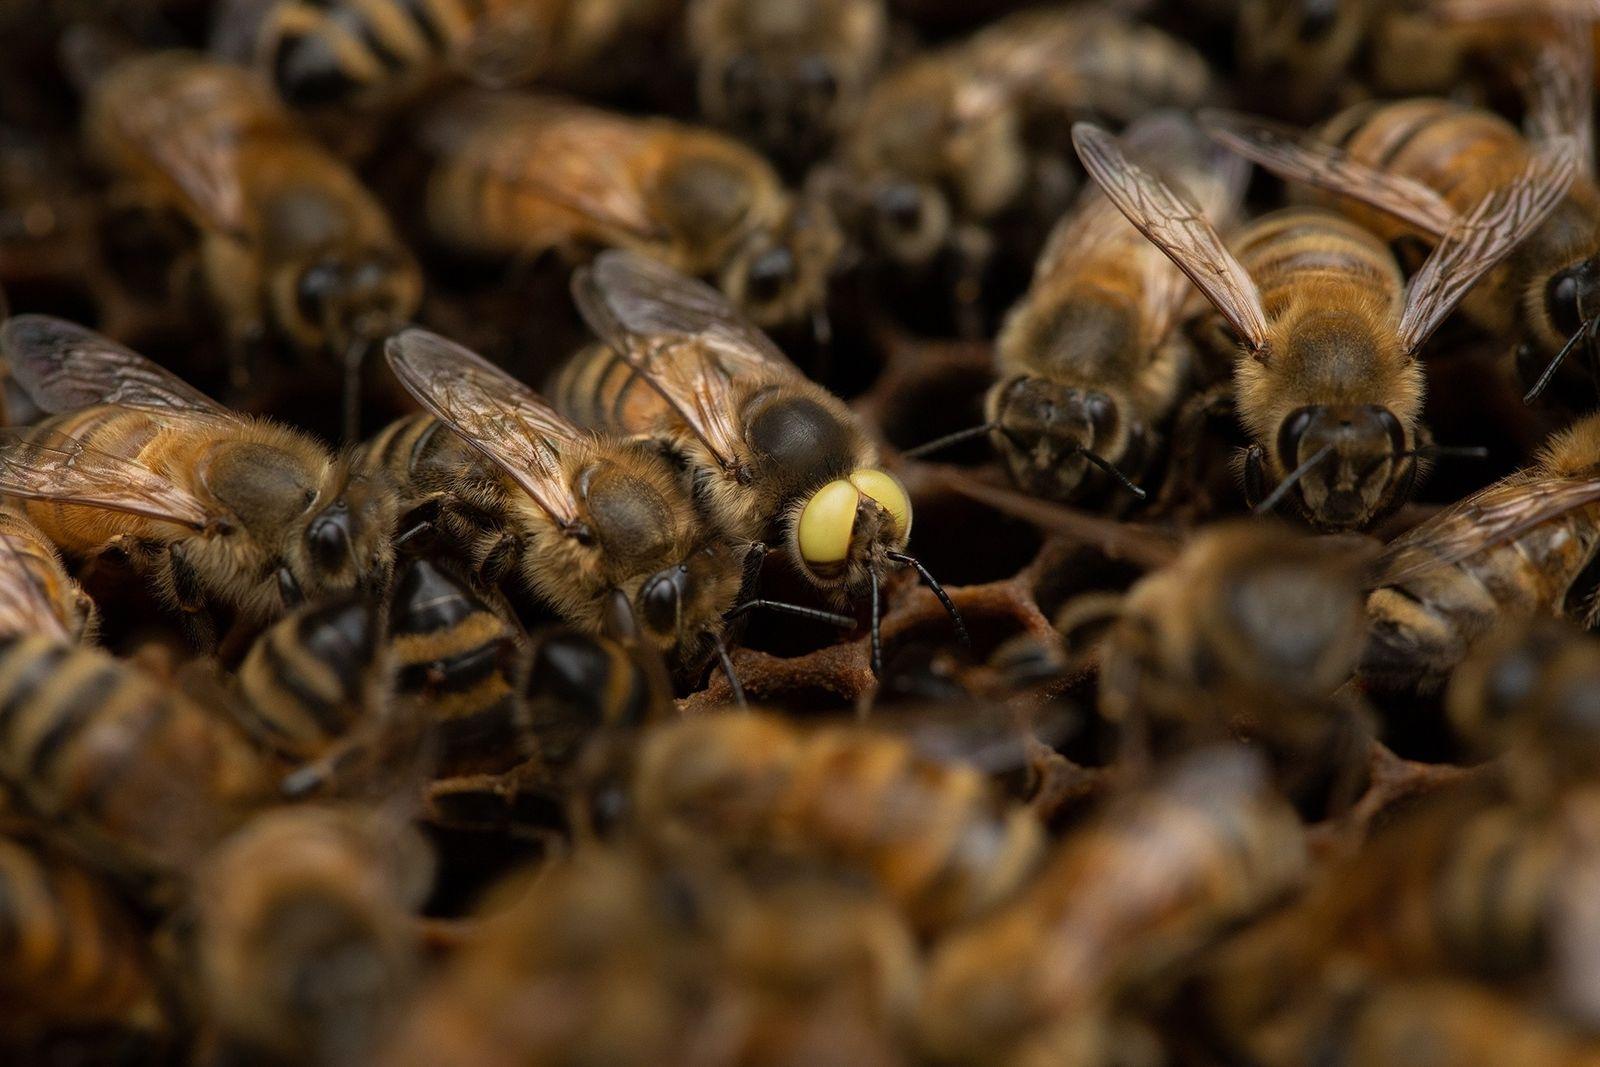 Esta extraña abeja mutante es macho y hembra